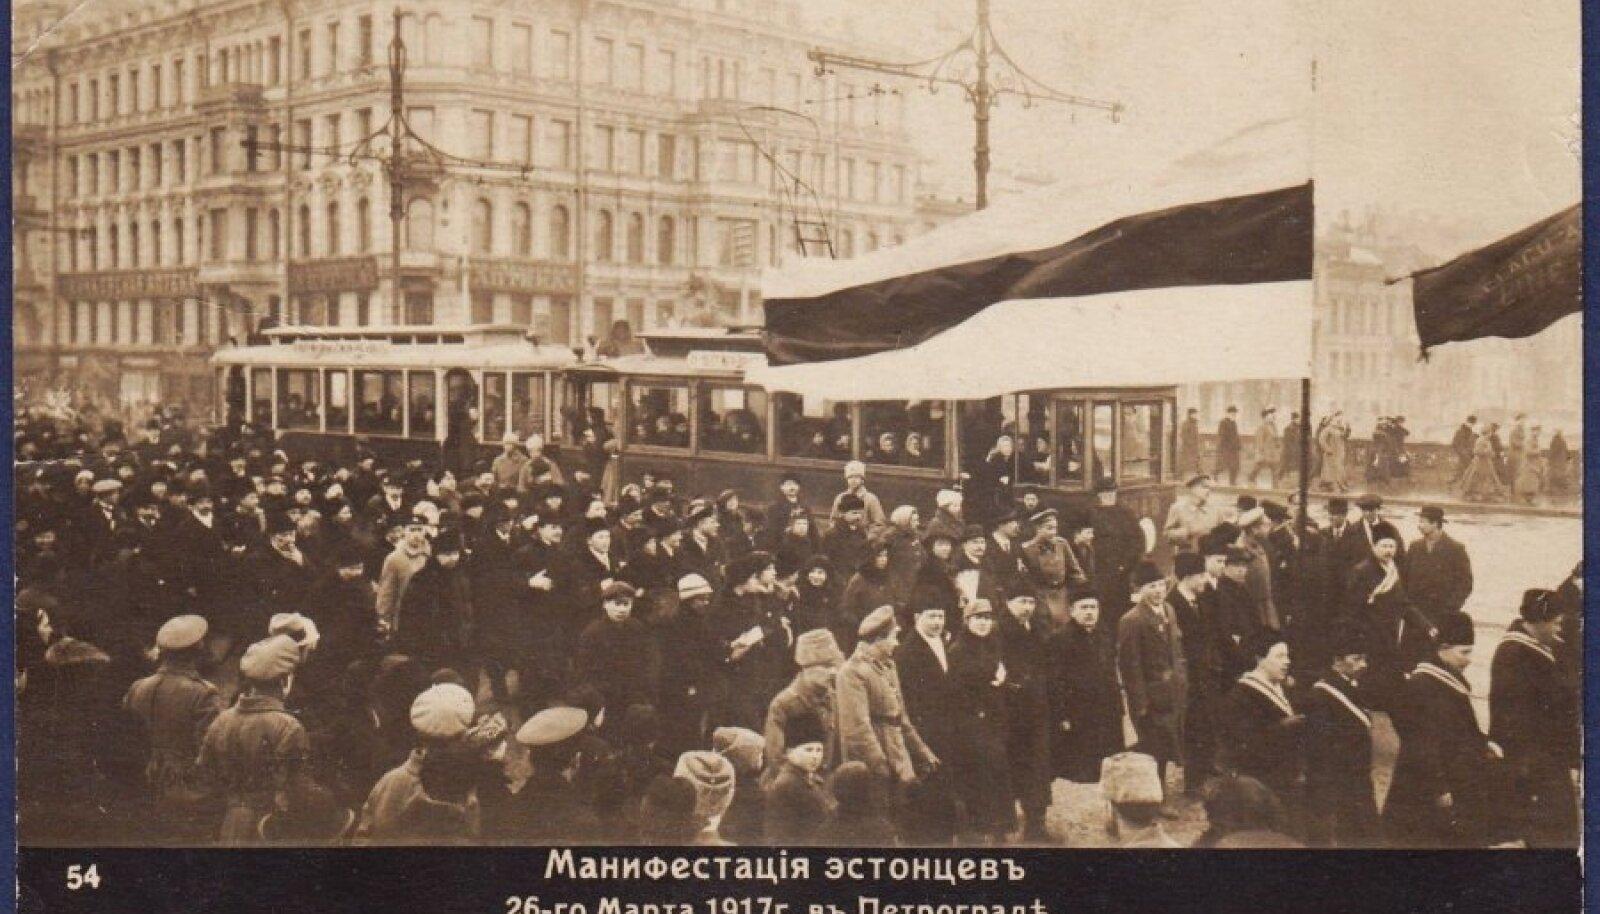 1917. a eestlaste meeleavaldus Petrogradis (Peterburis).